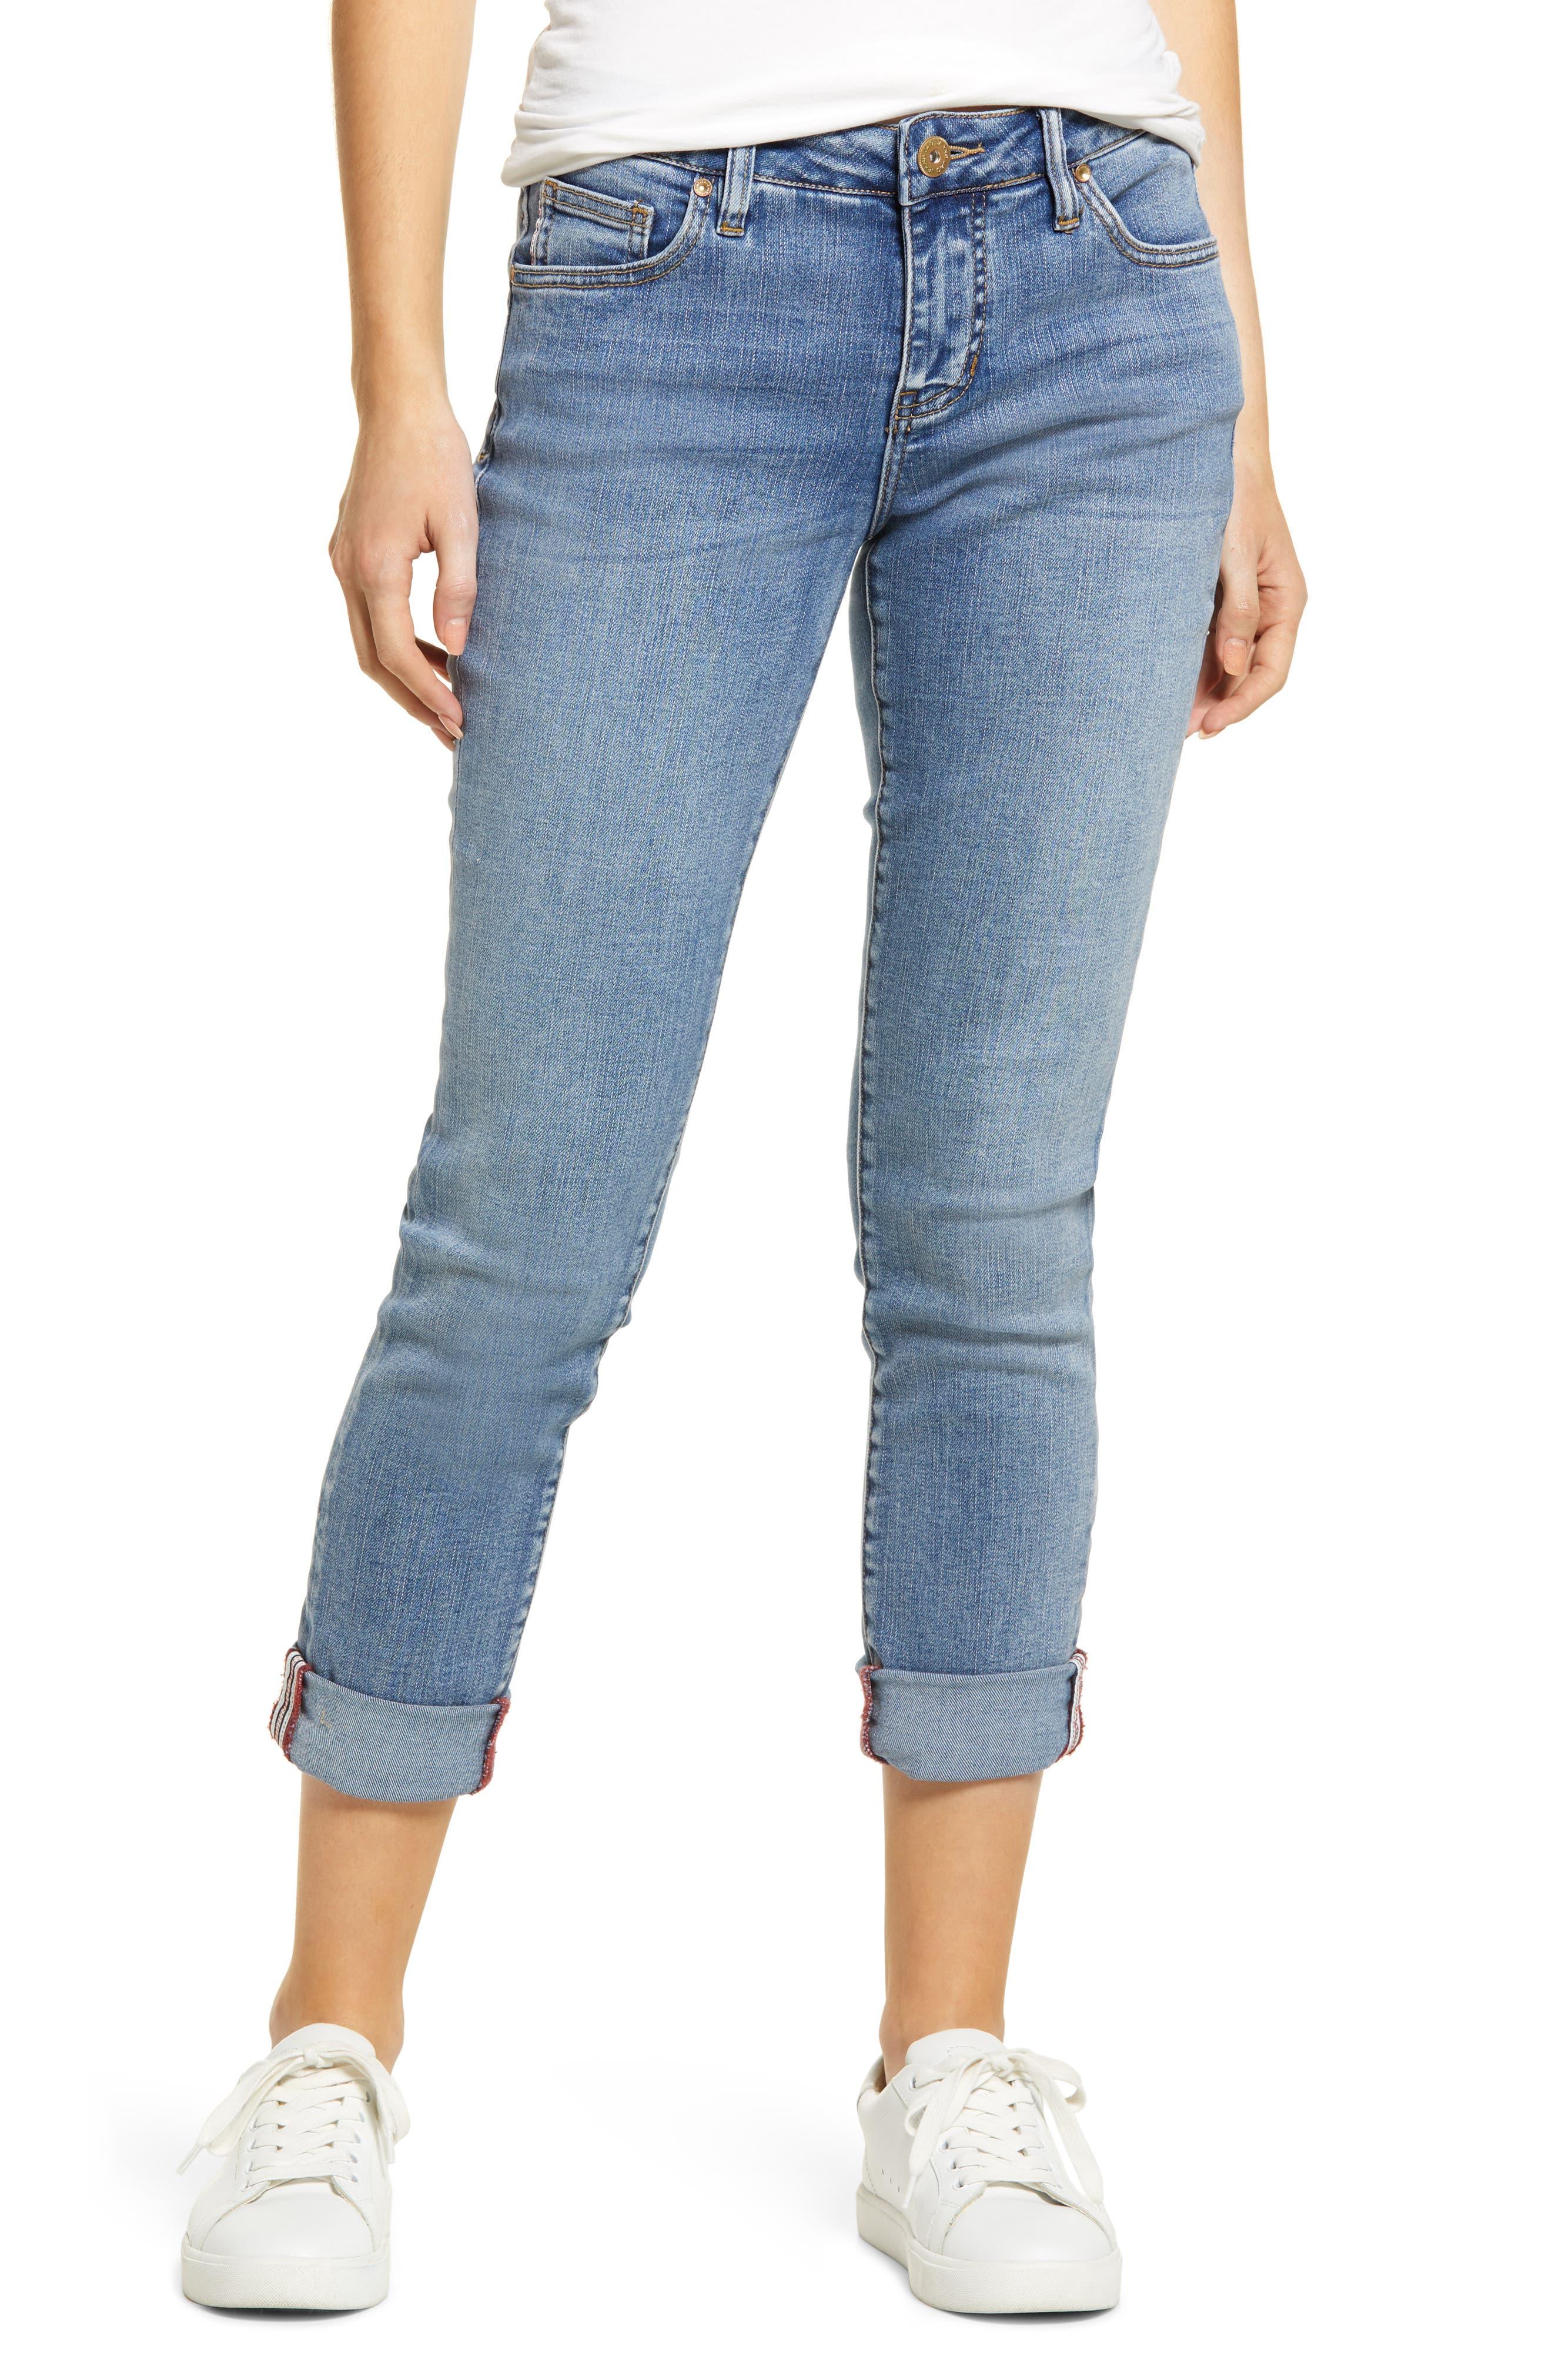 Carter High Waist Girlfriend Jeans